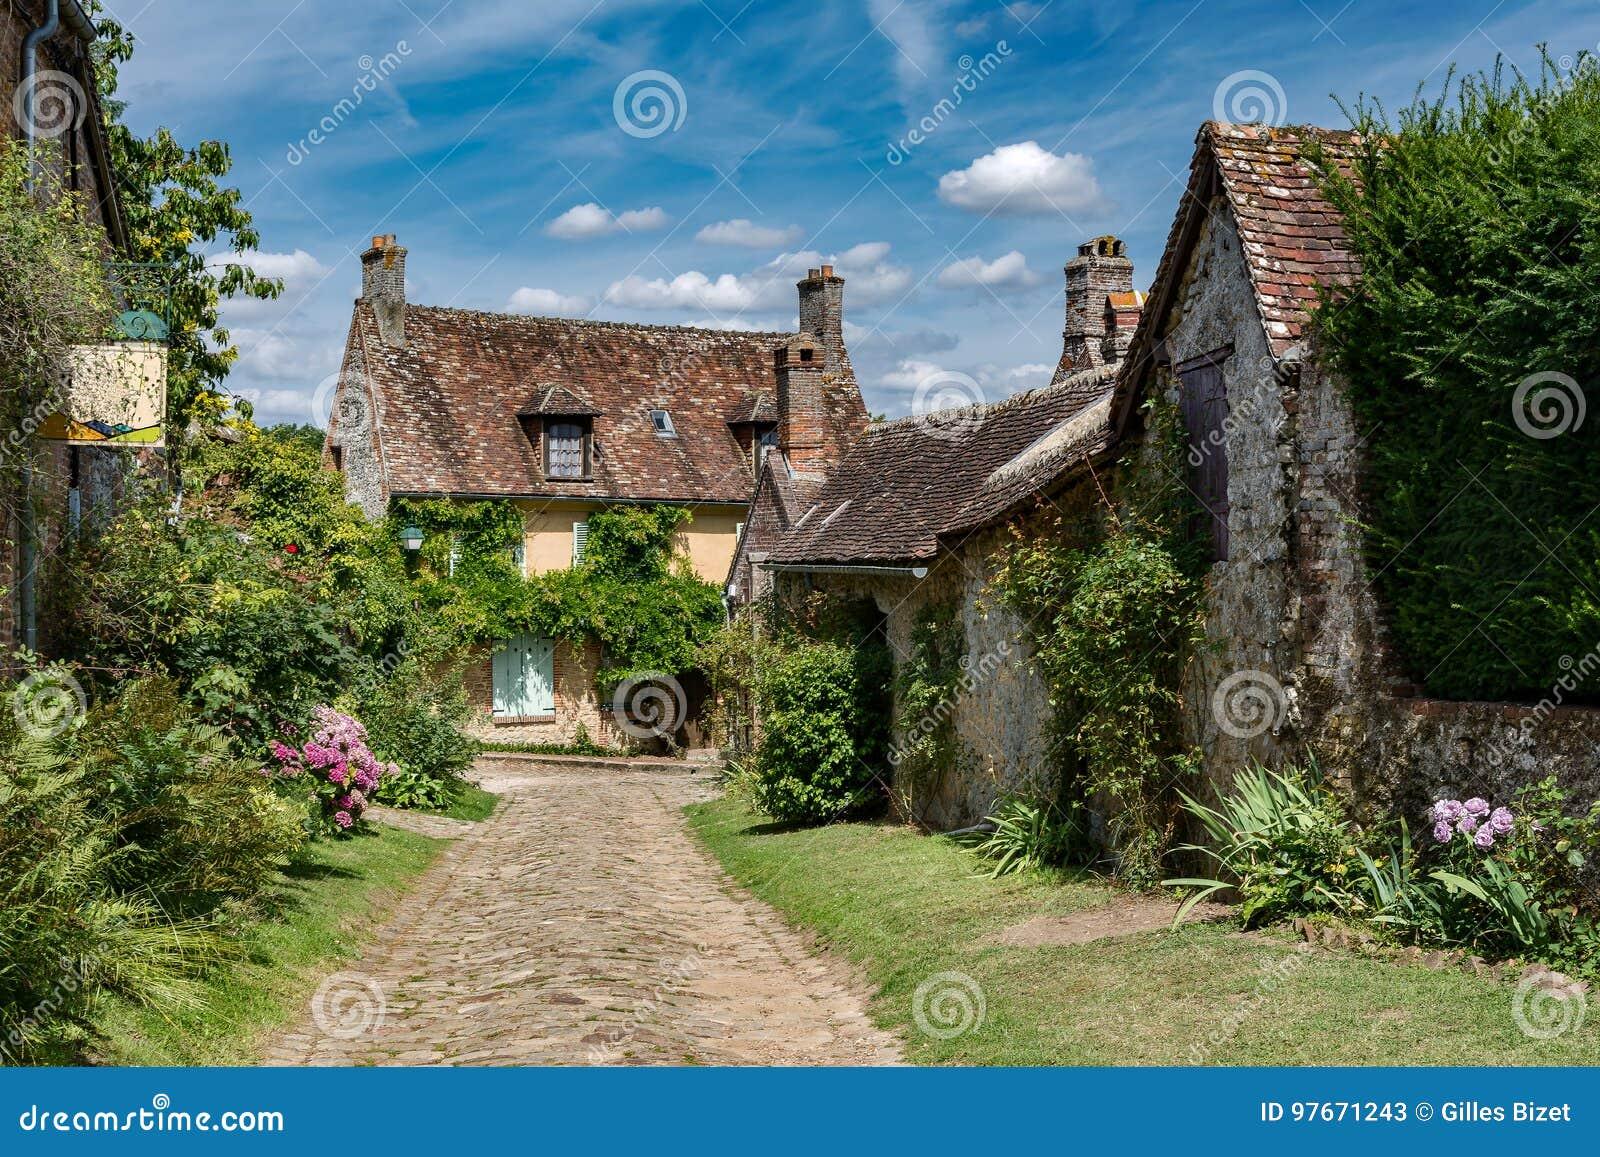 Mittelalterliches Dorfhaus in Frankreich